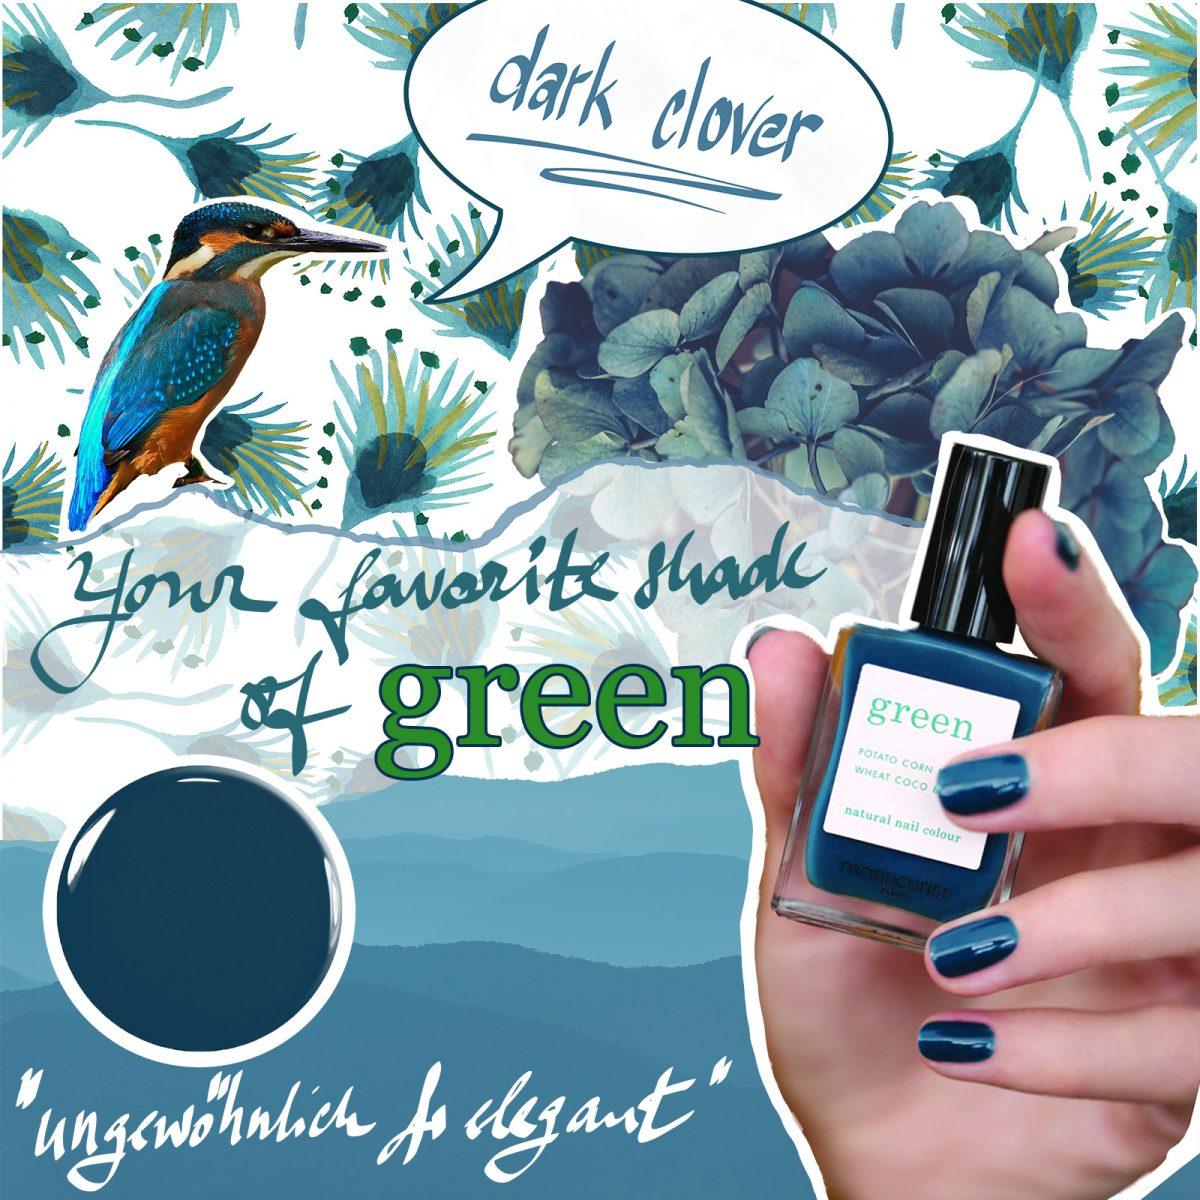 mancurist green dark clover